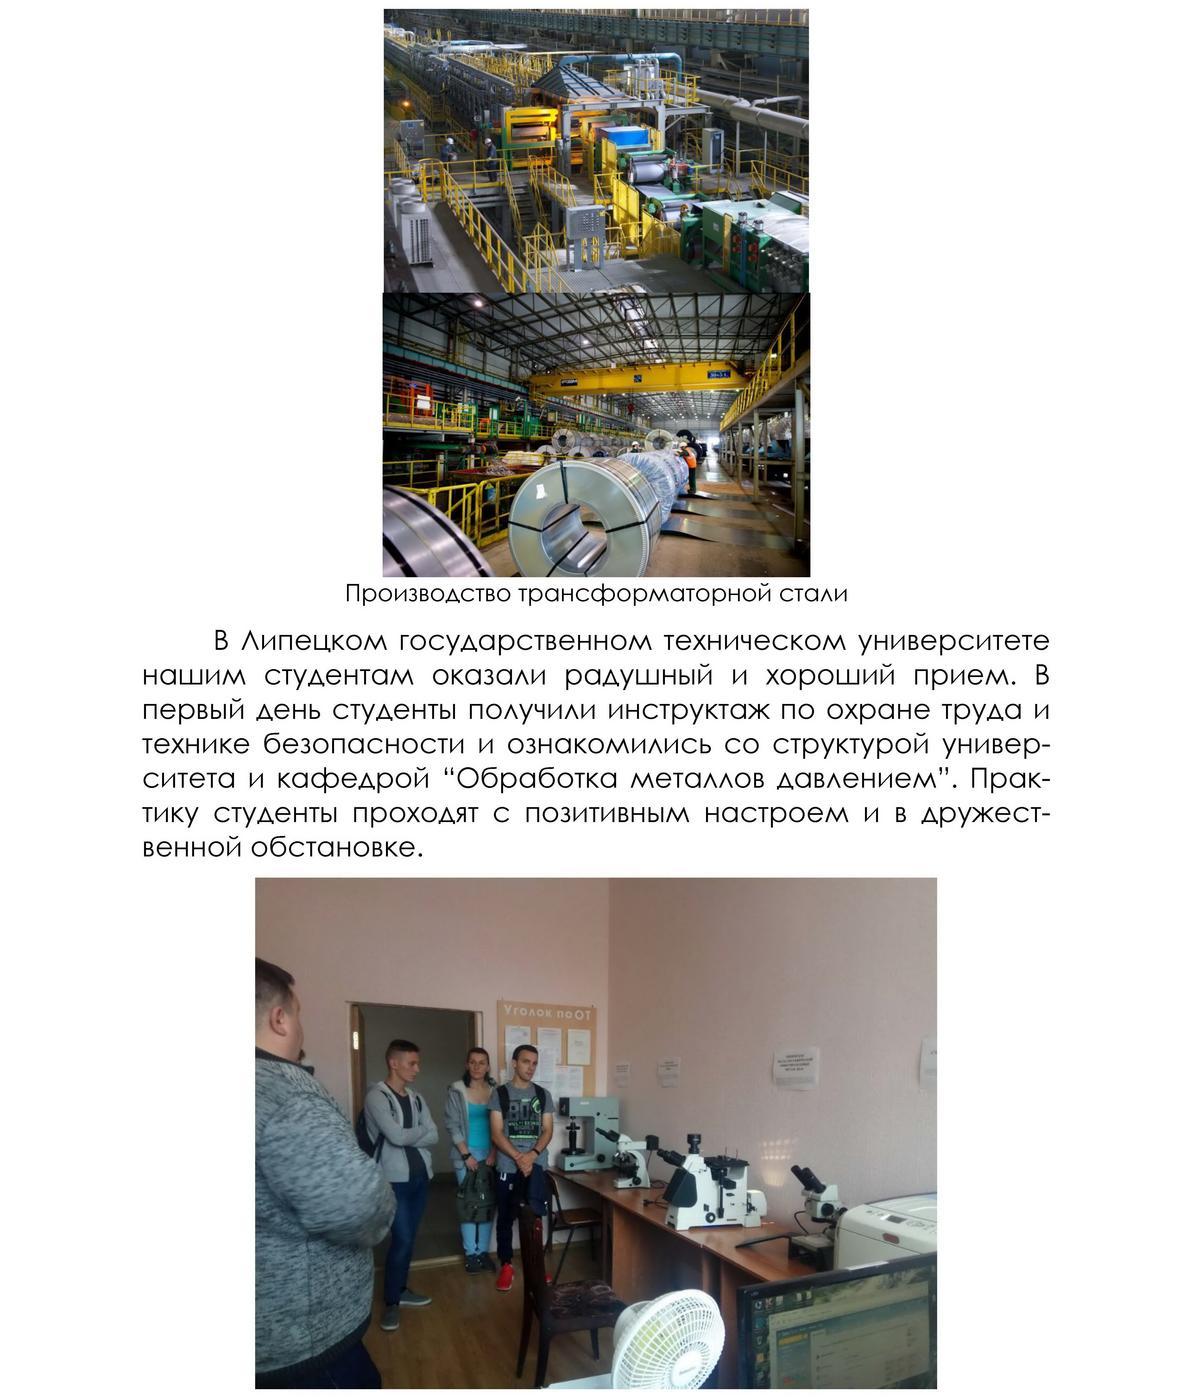 Студенты механико-технологического факультета ГГТУ имени П.О. Сухого проходят производственную практику в Липецком государственном техническом университете 3